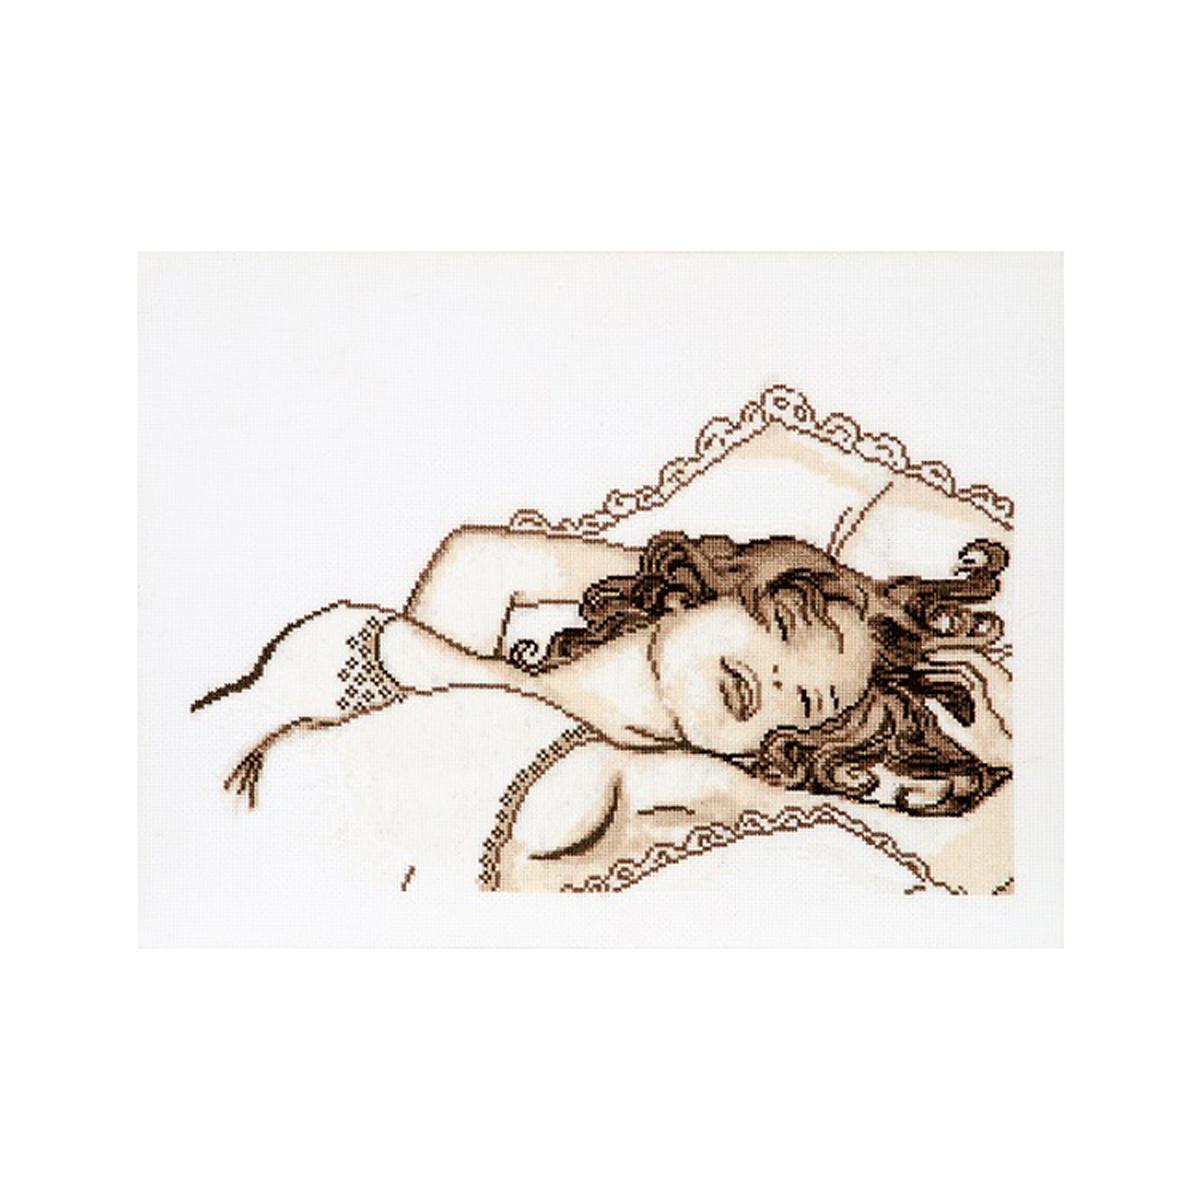 Набор для вышивания Alisena Сон, 31 x 19 см488076